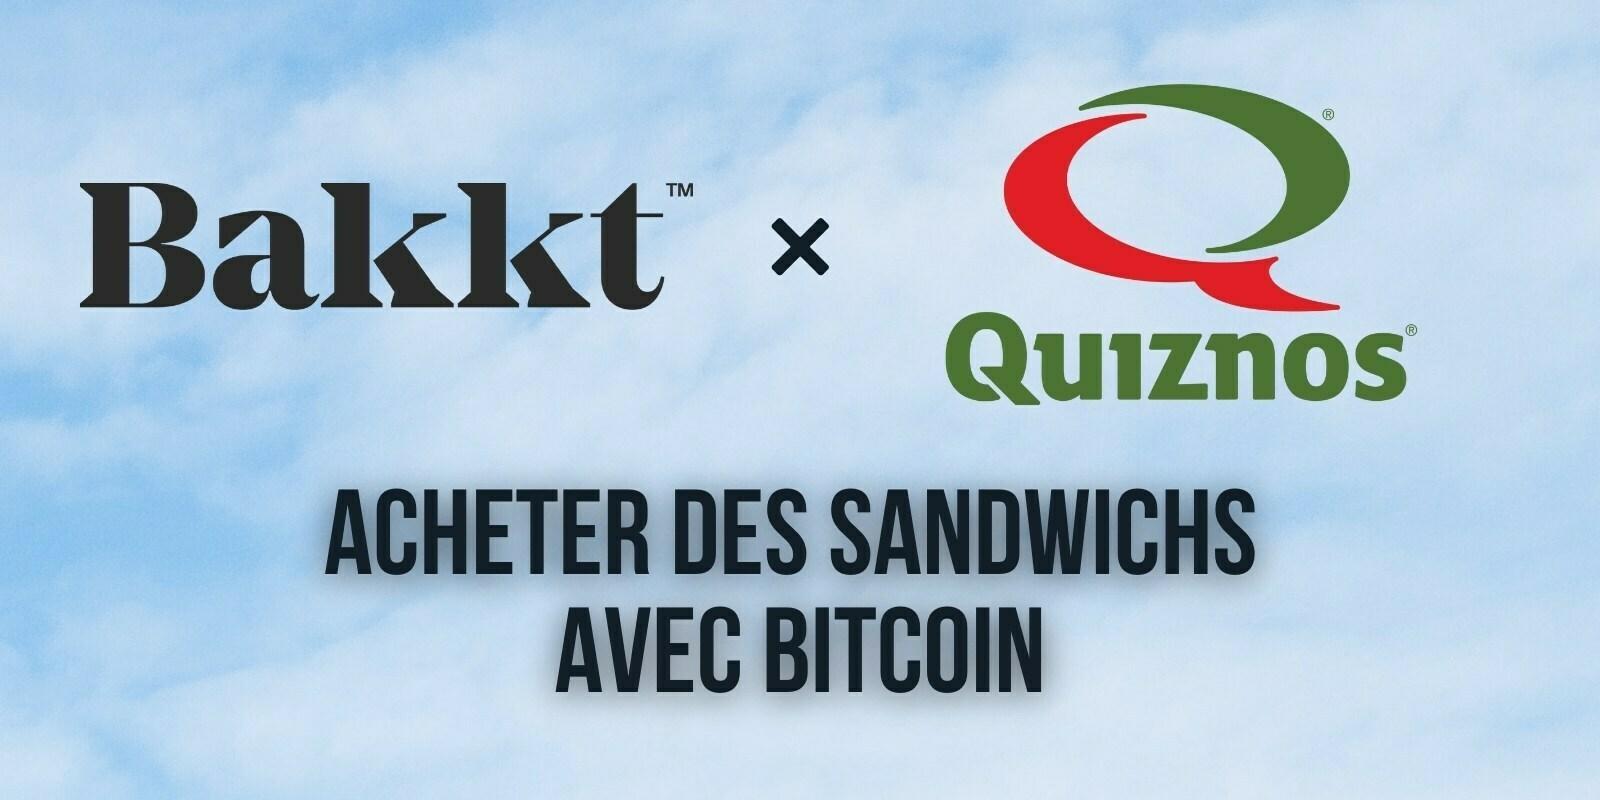 Les fast-foods Quiznos testent les paiements en Bitcoin (BTC) avec Bakkt